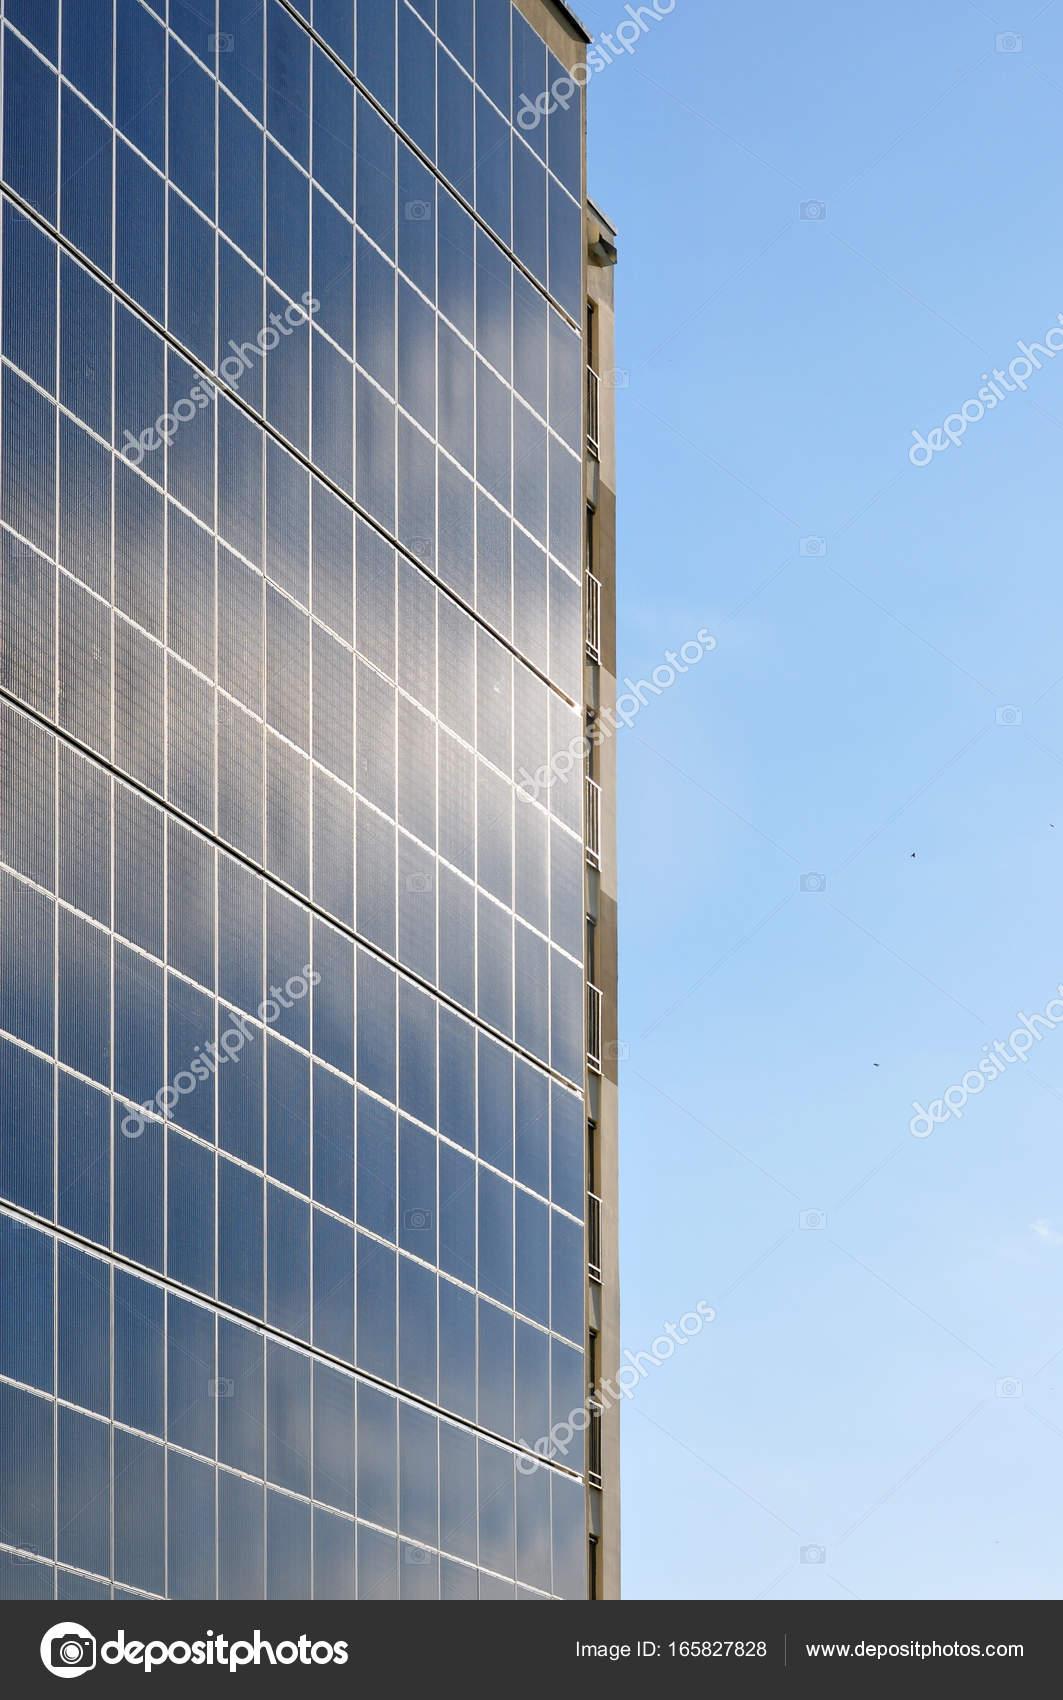 Grande pannello solare sulla parete foto stock for Immagini pannello solare